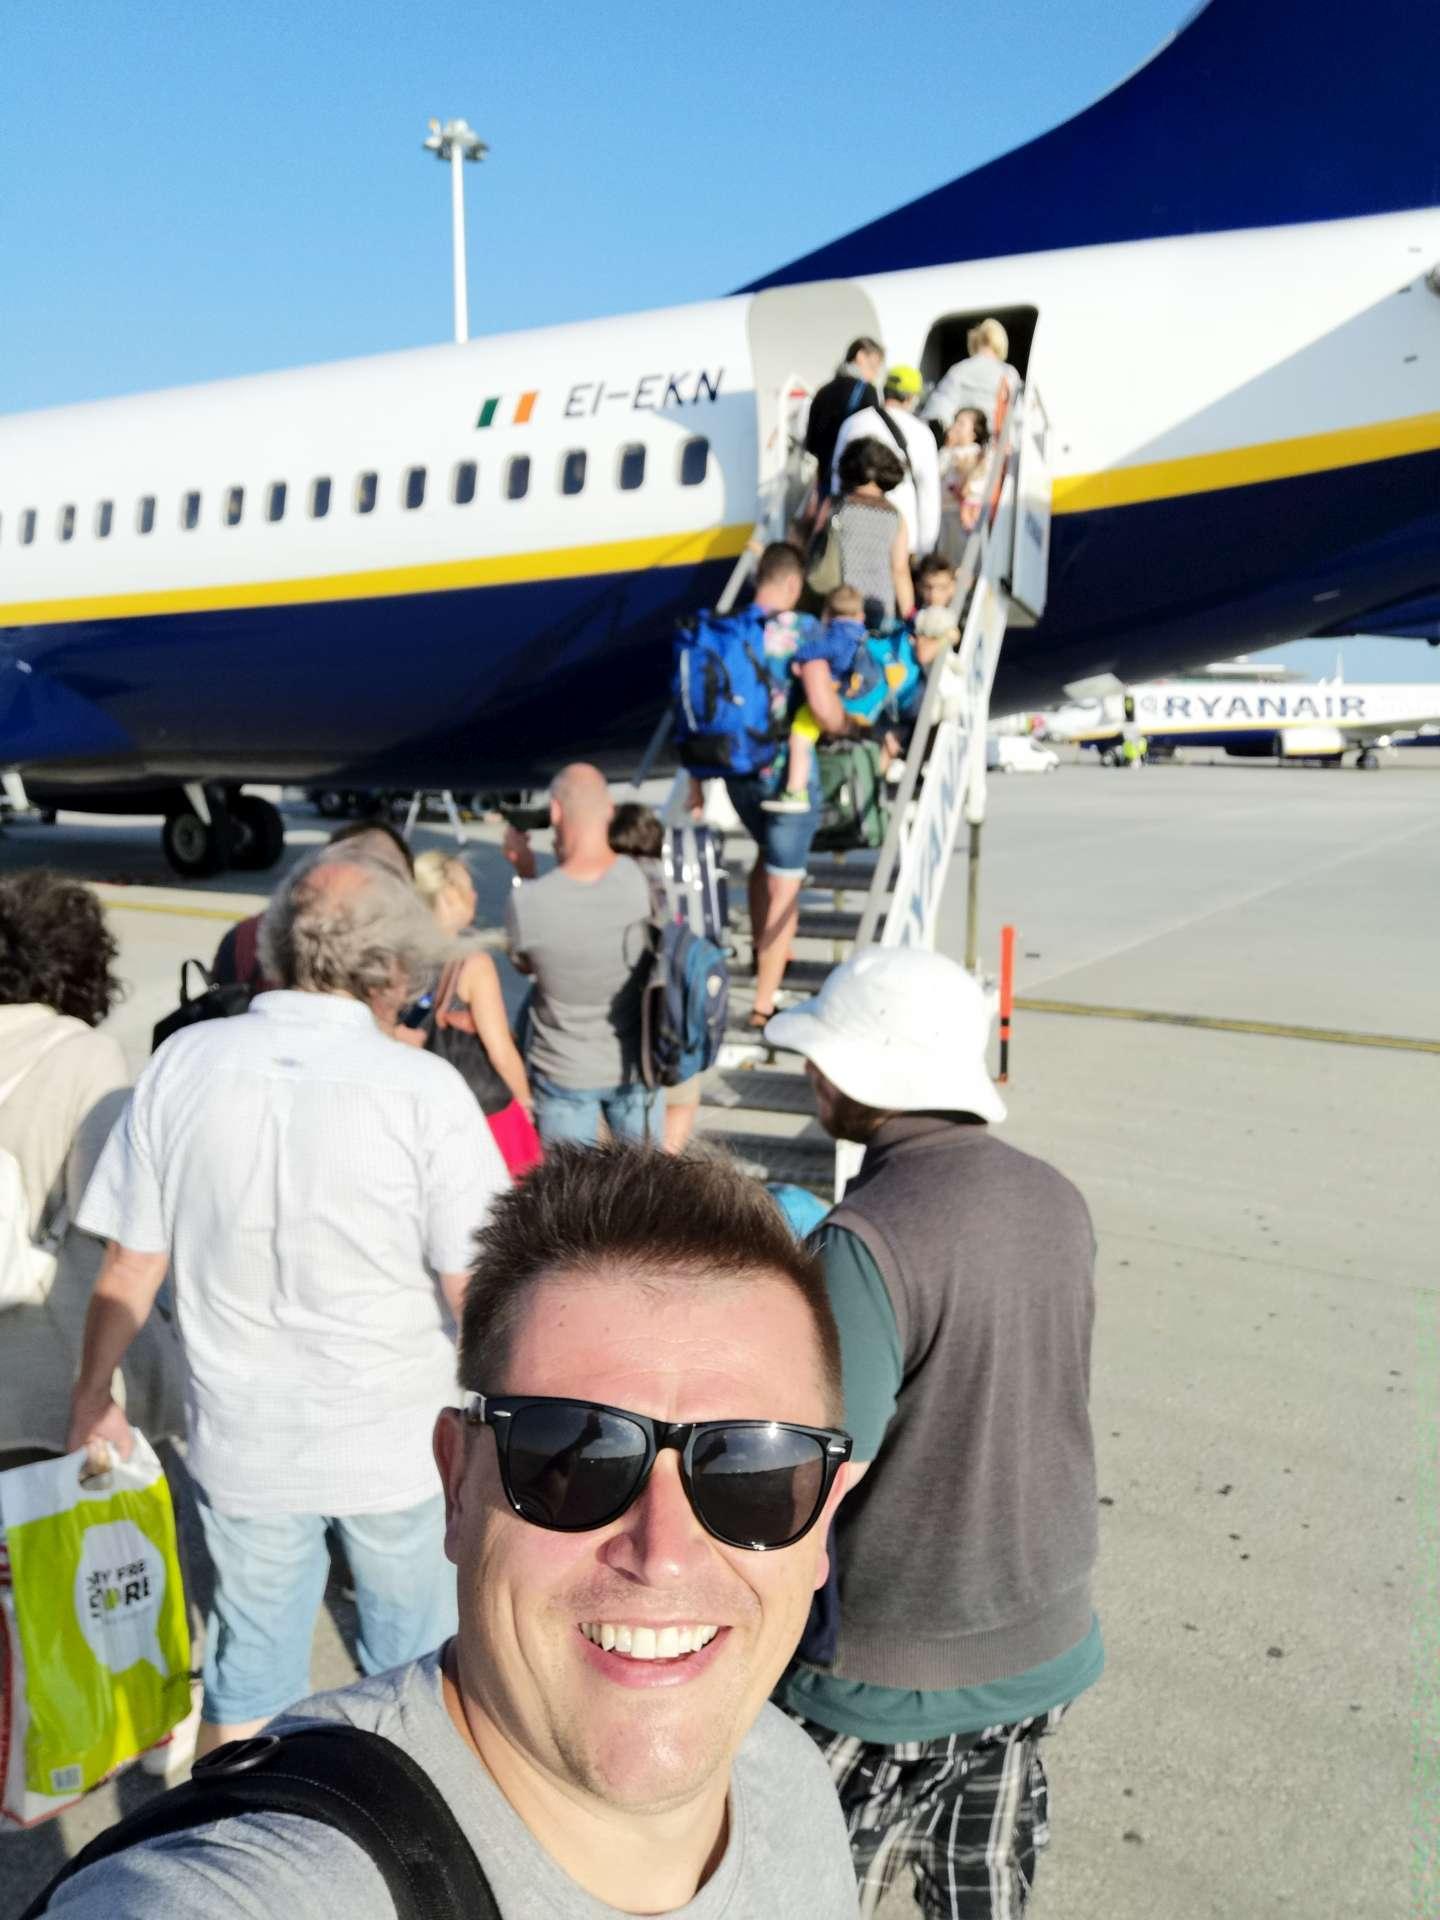 Teď už jen zbývá nastoupit do letadla a vydat se společně zase zpátky domů.